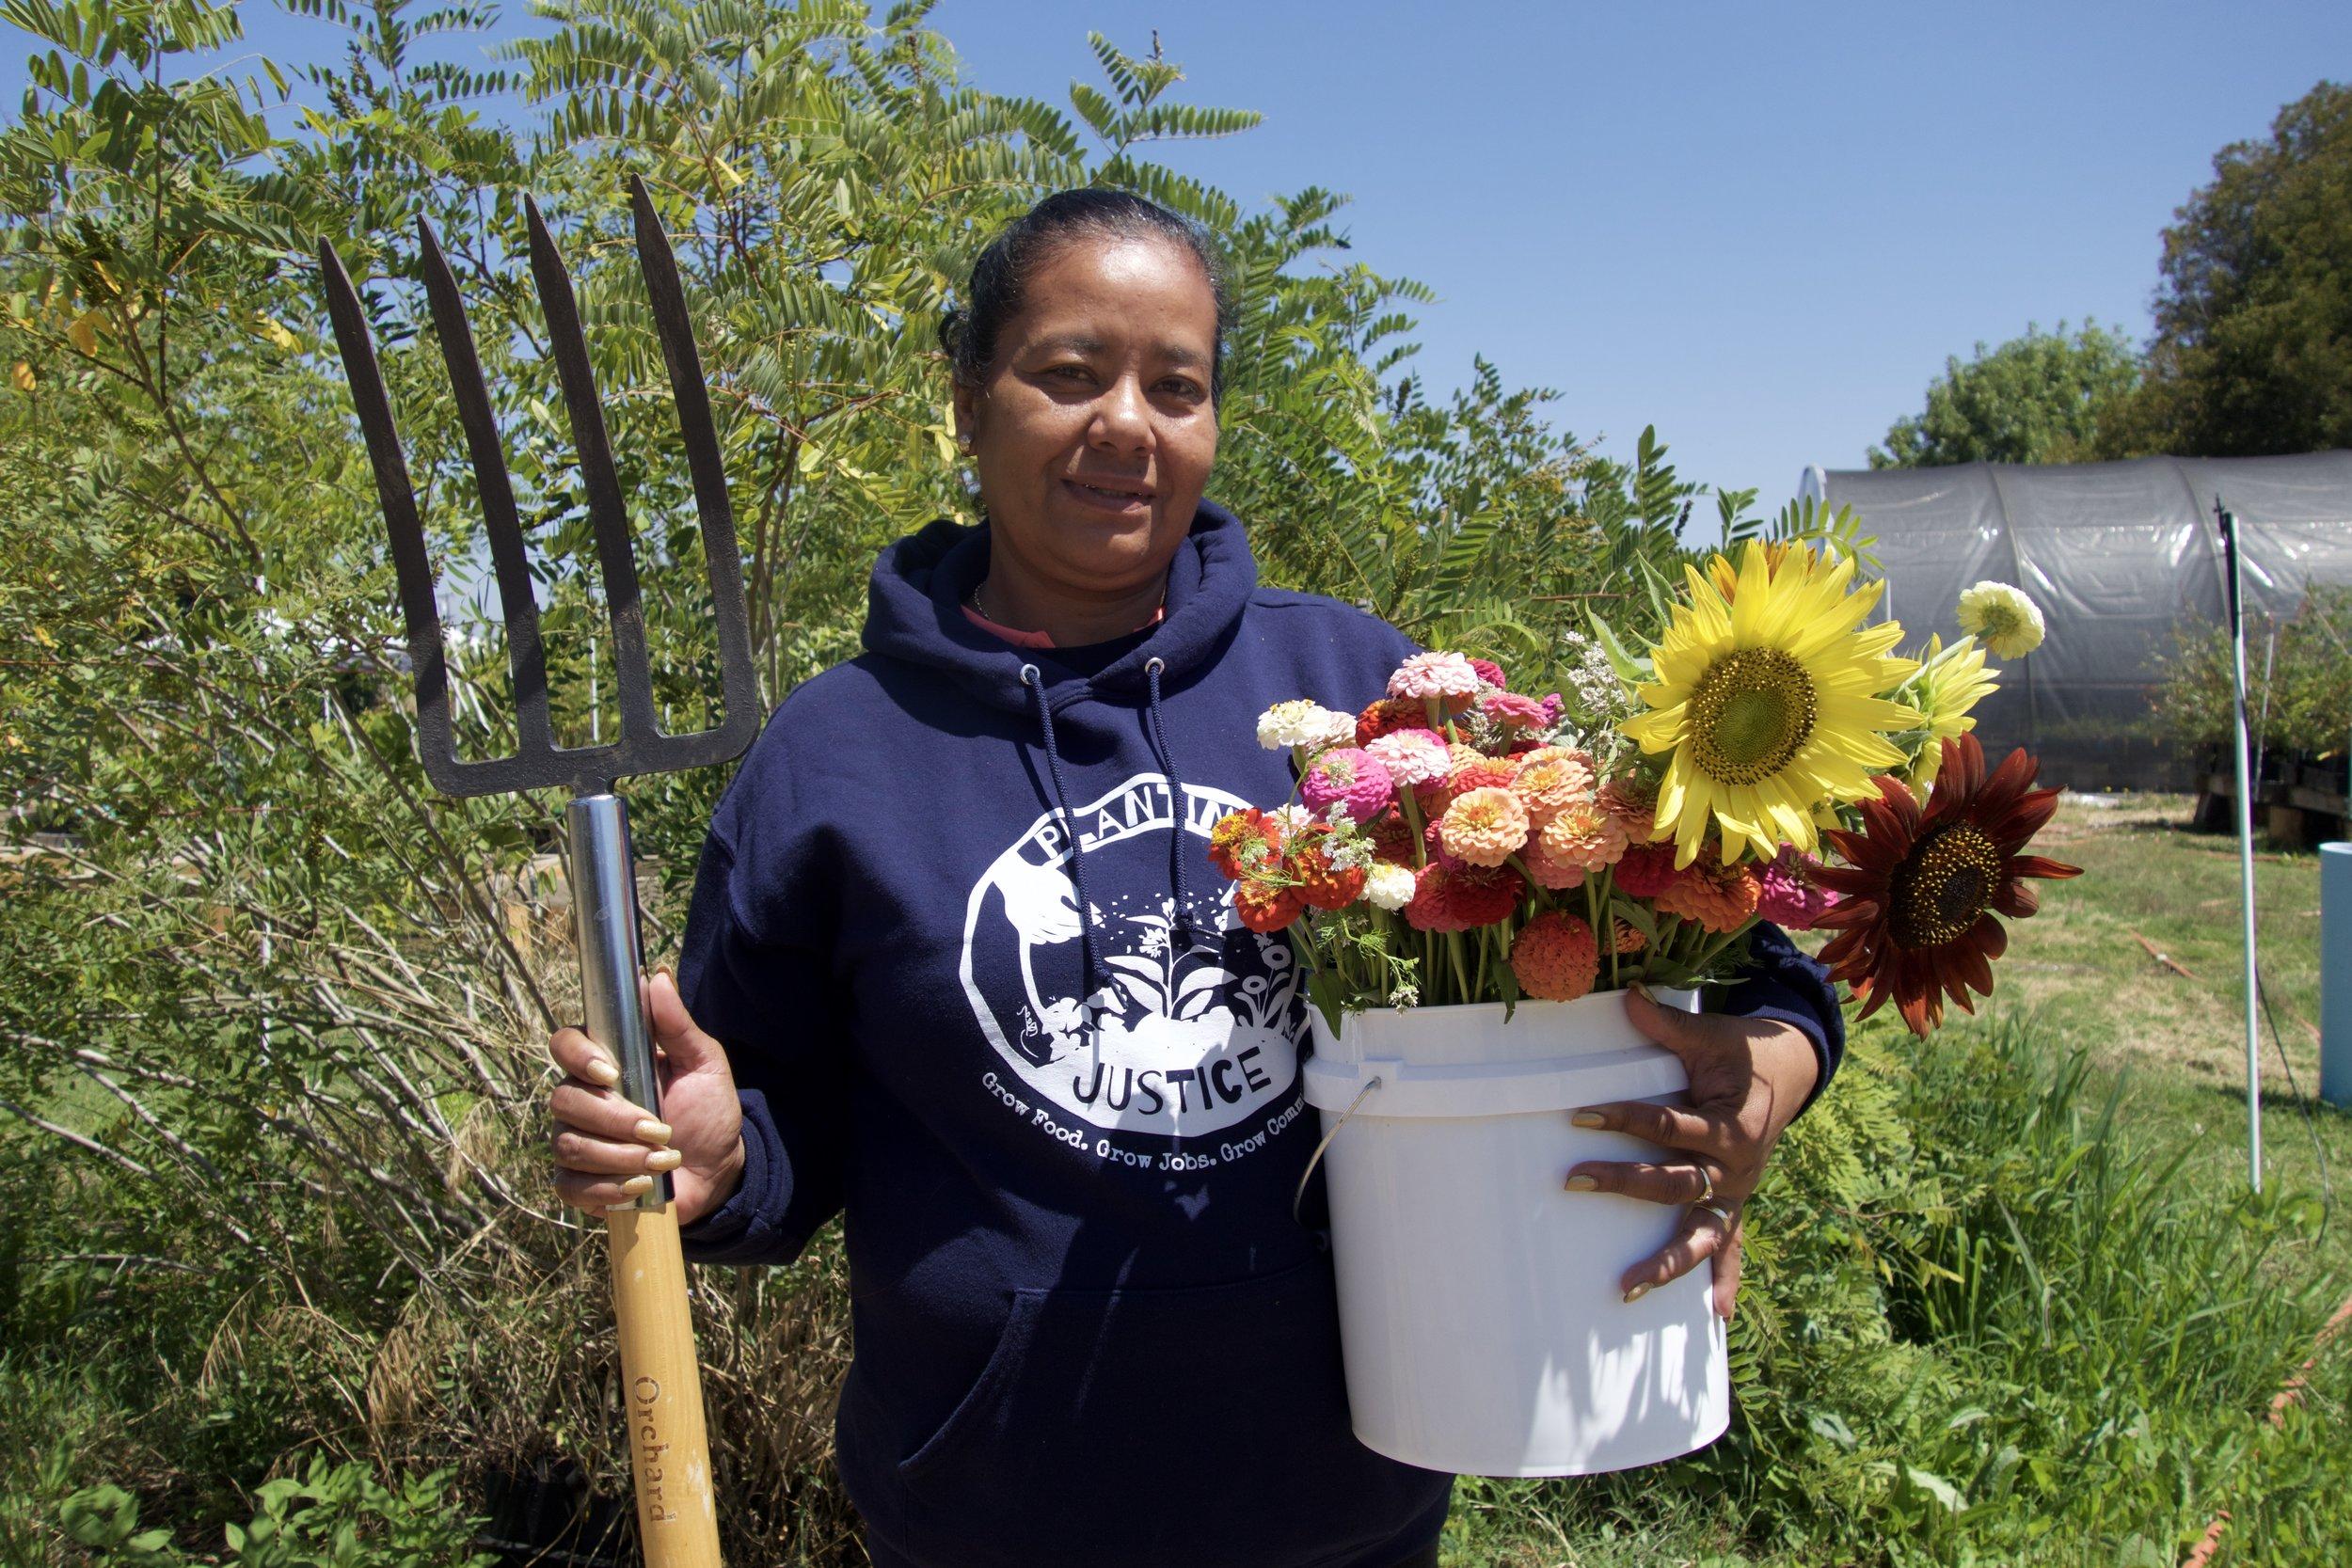 Planting Justice Nursery Team, Adela